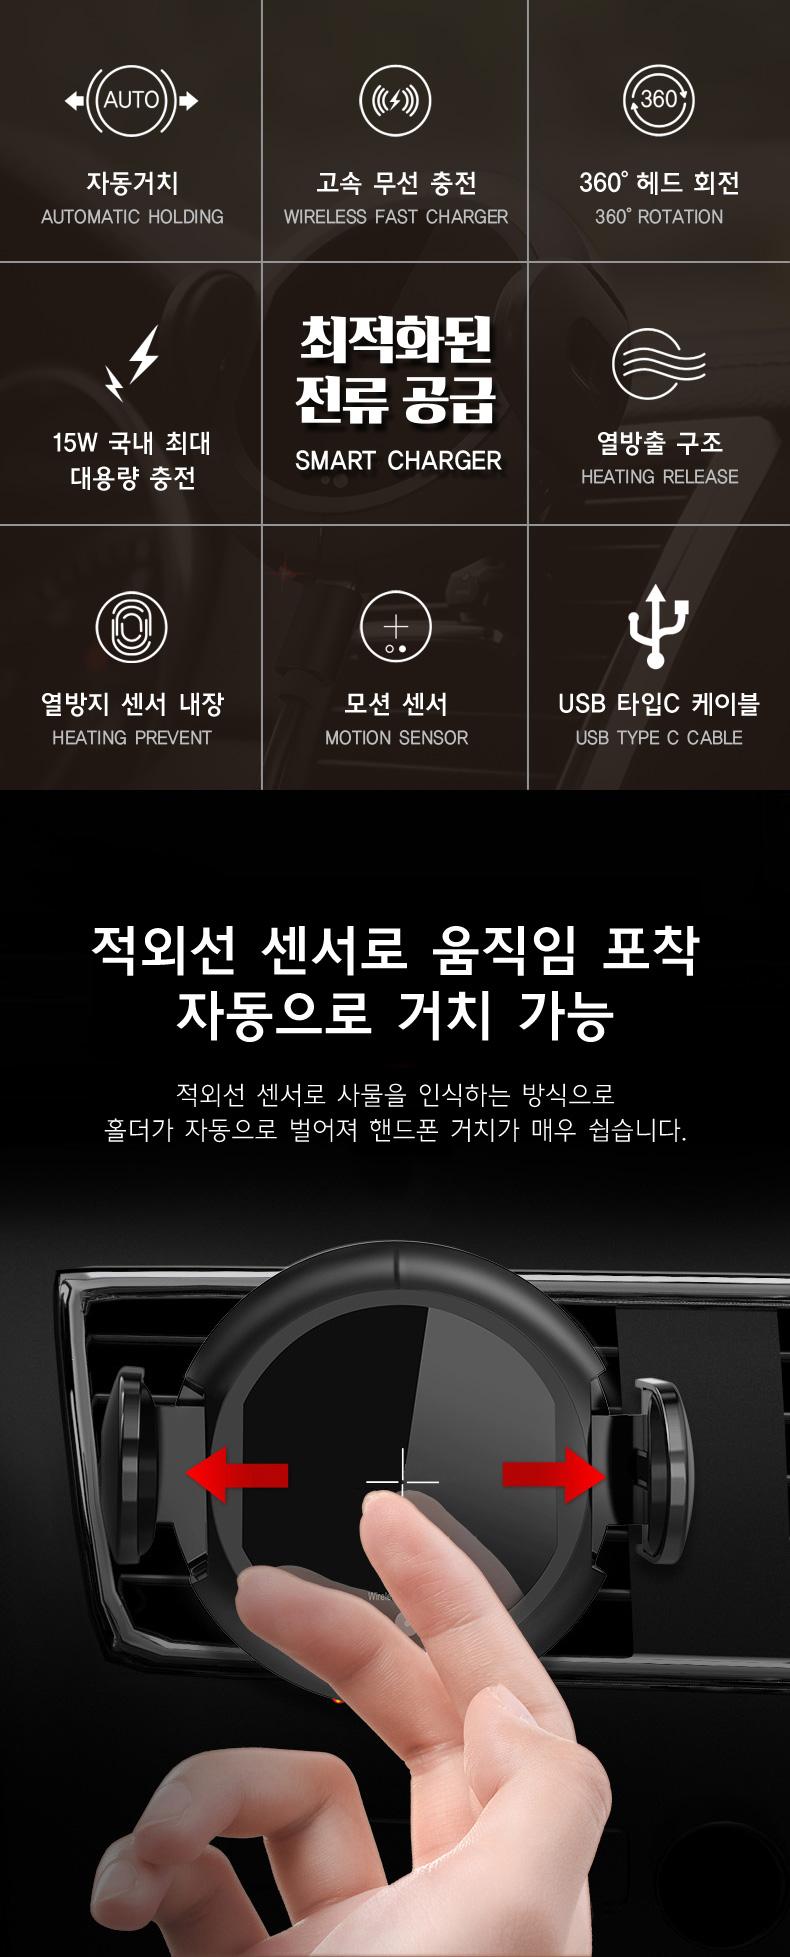 오토 센서 차량용 고속 무선 충전기 거치대 - 라이프 트렌드, 35,500원, 충전기, 무선충전기/패치